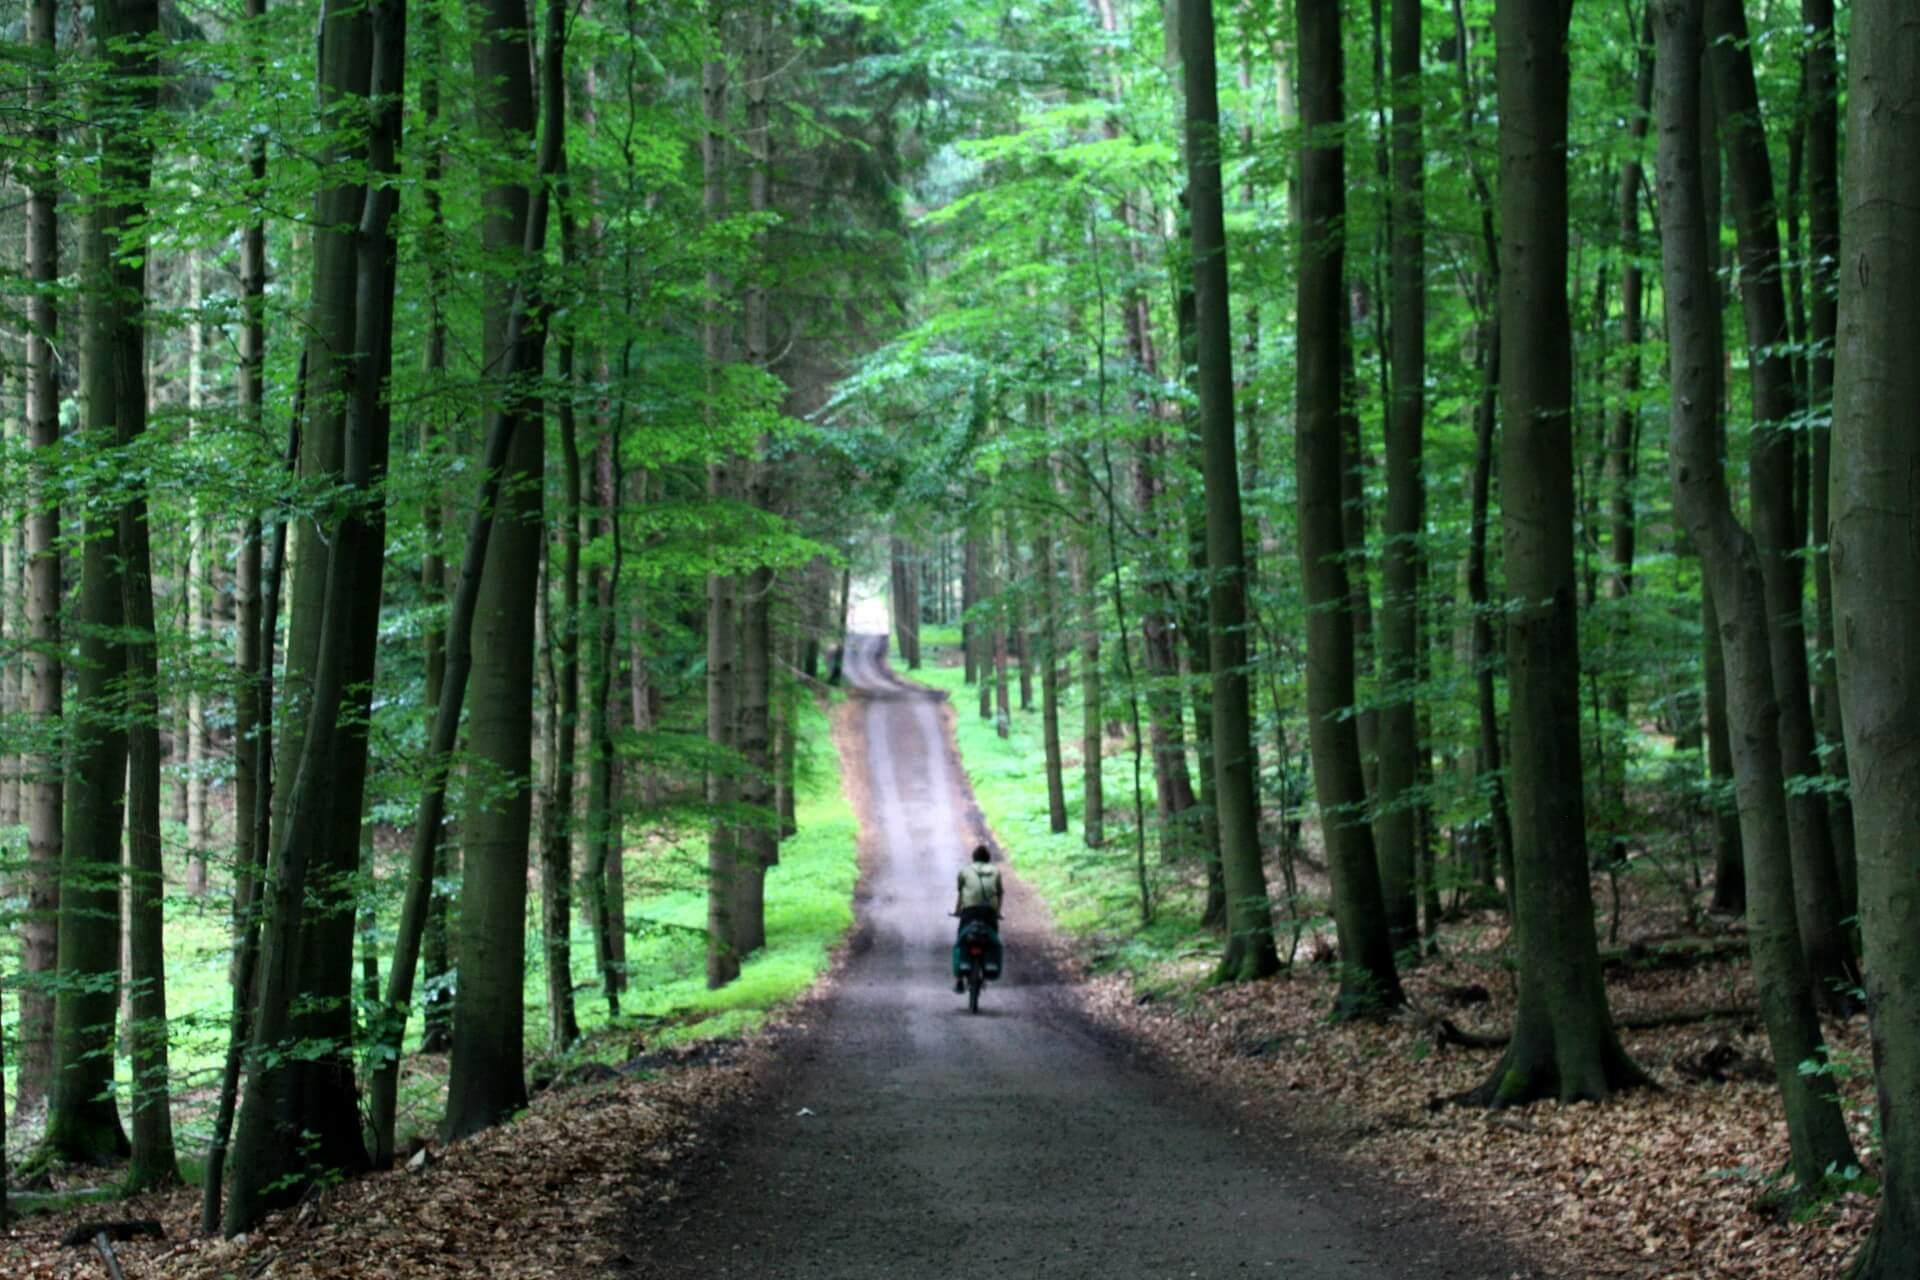 Przejazd rowerem przezWoliński park narodowy